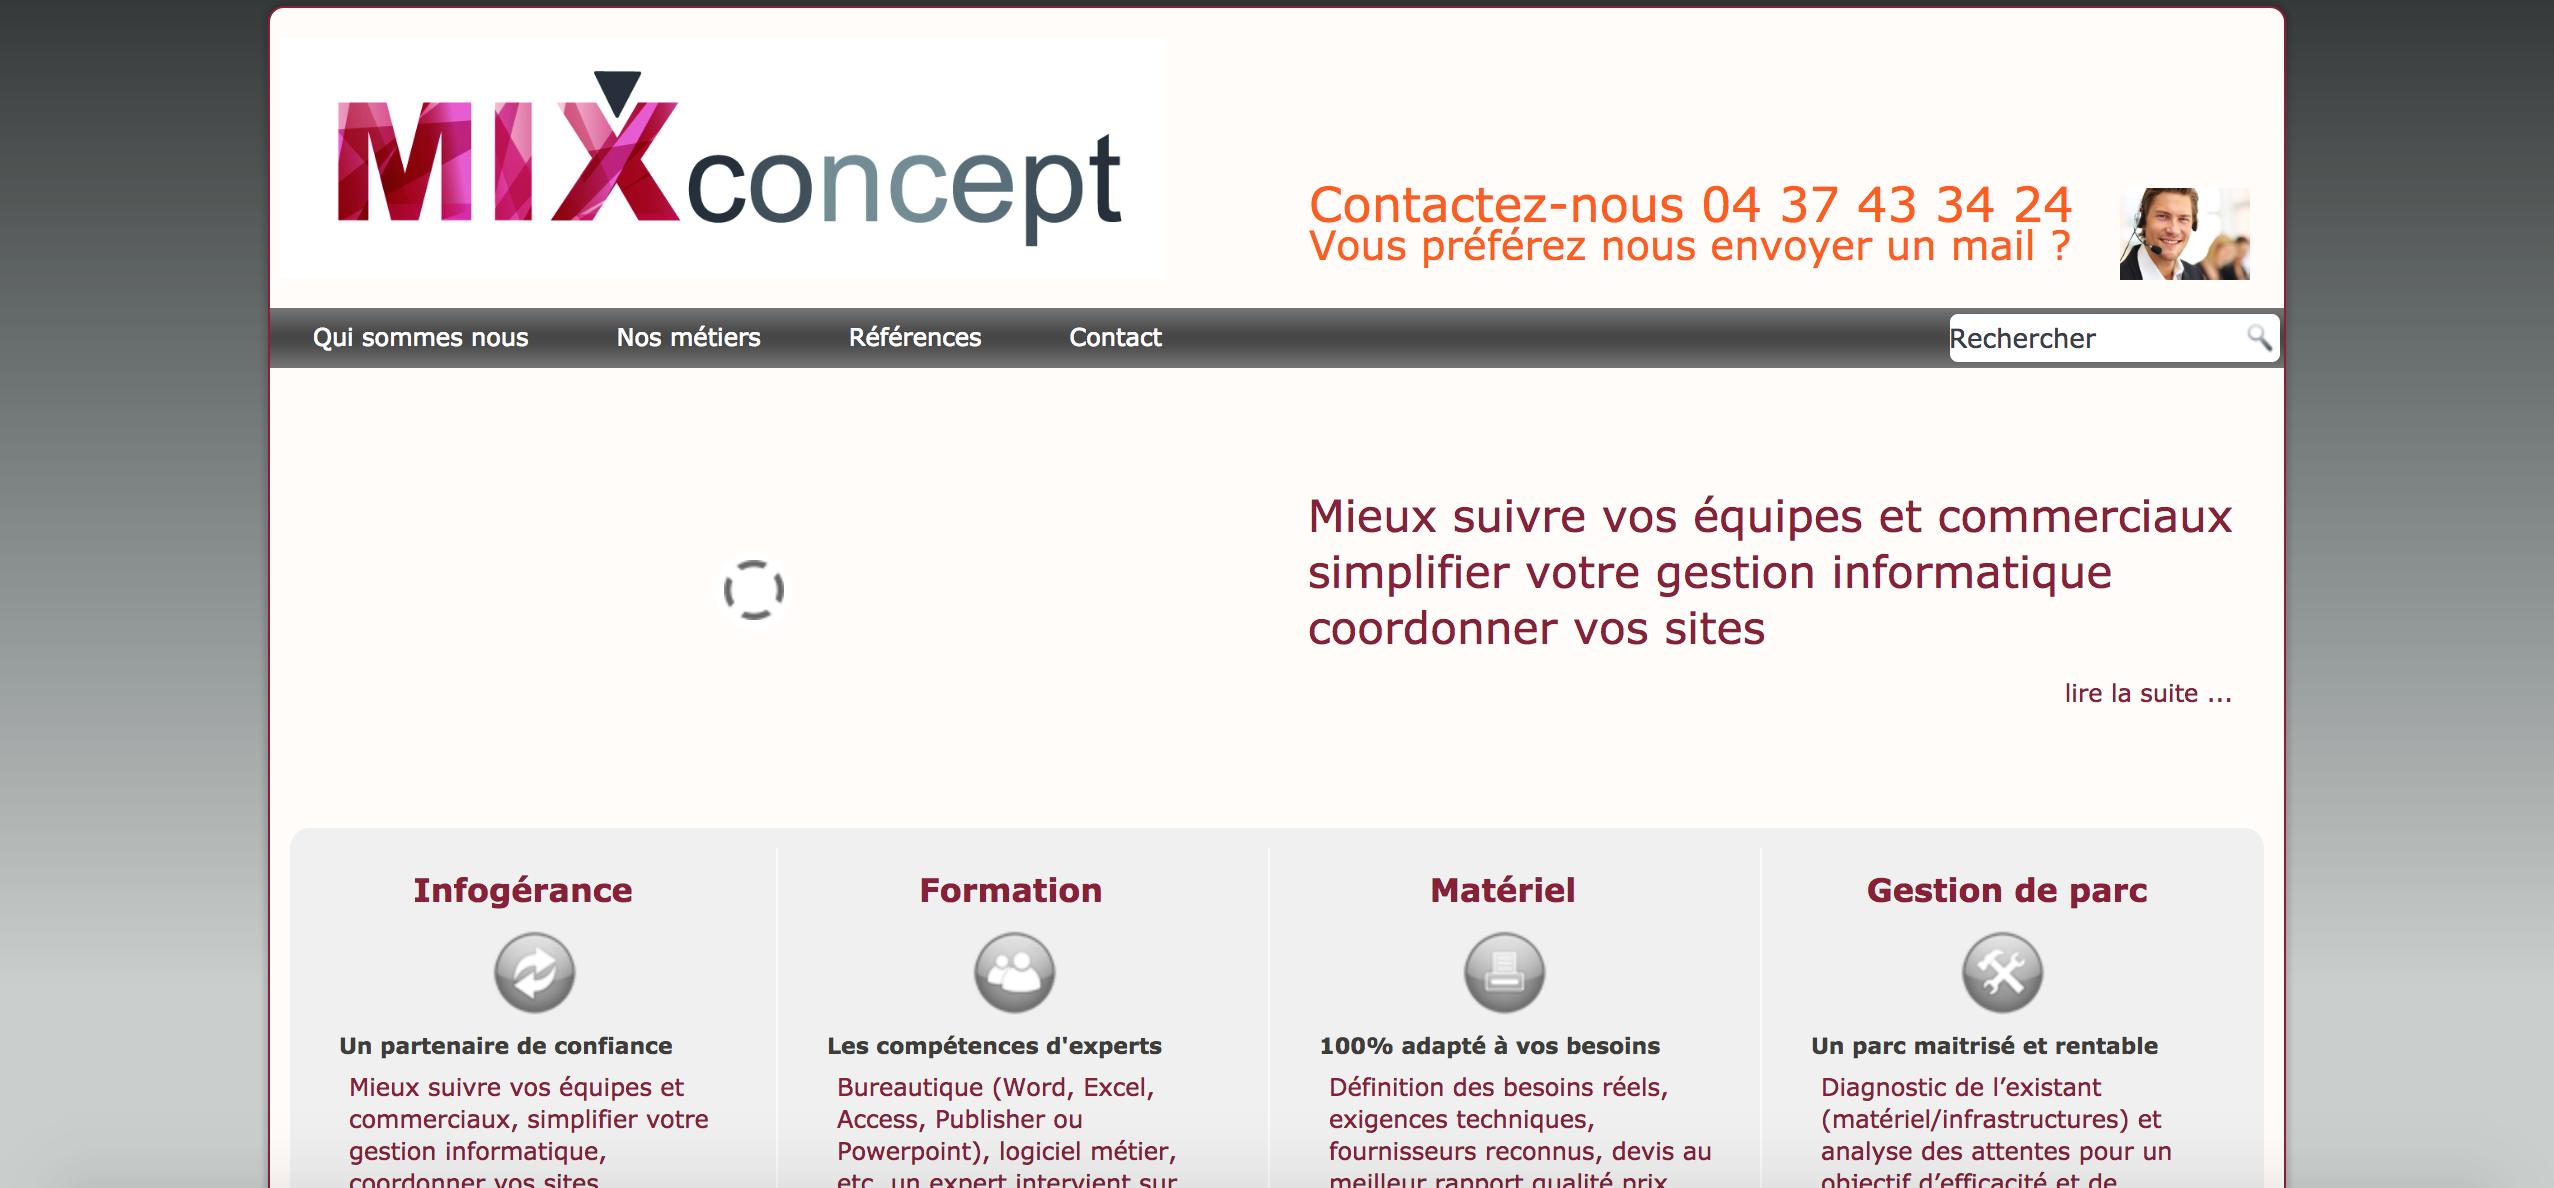 mixconcept-2016